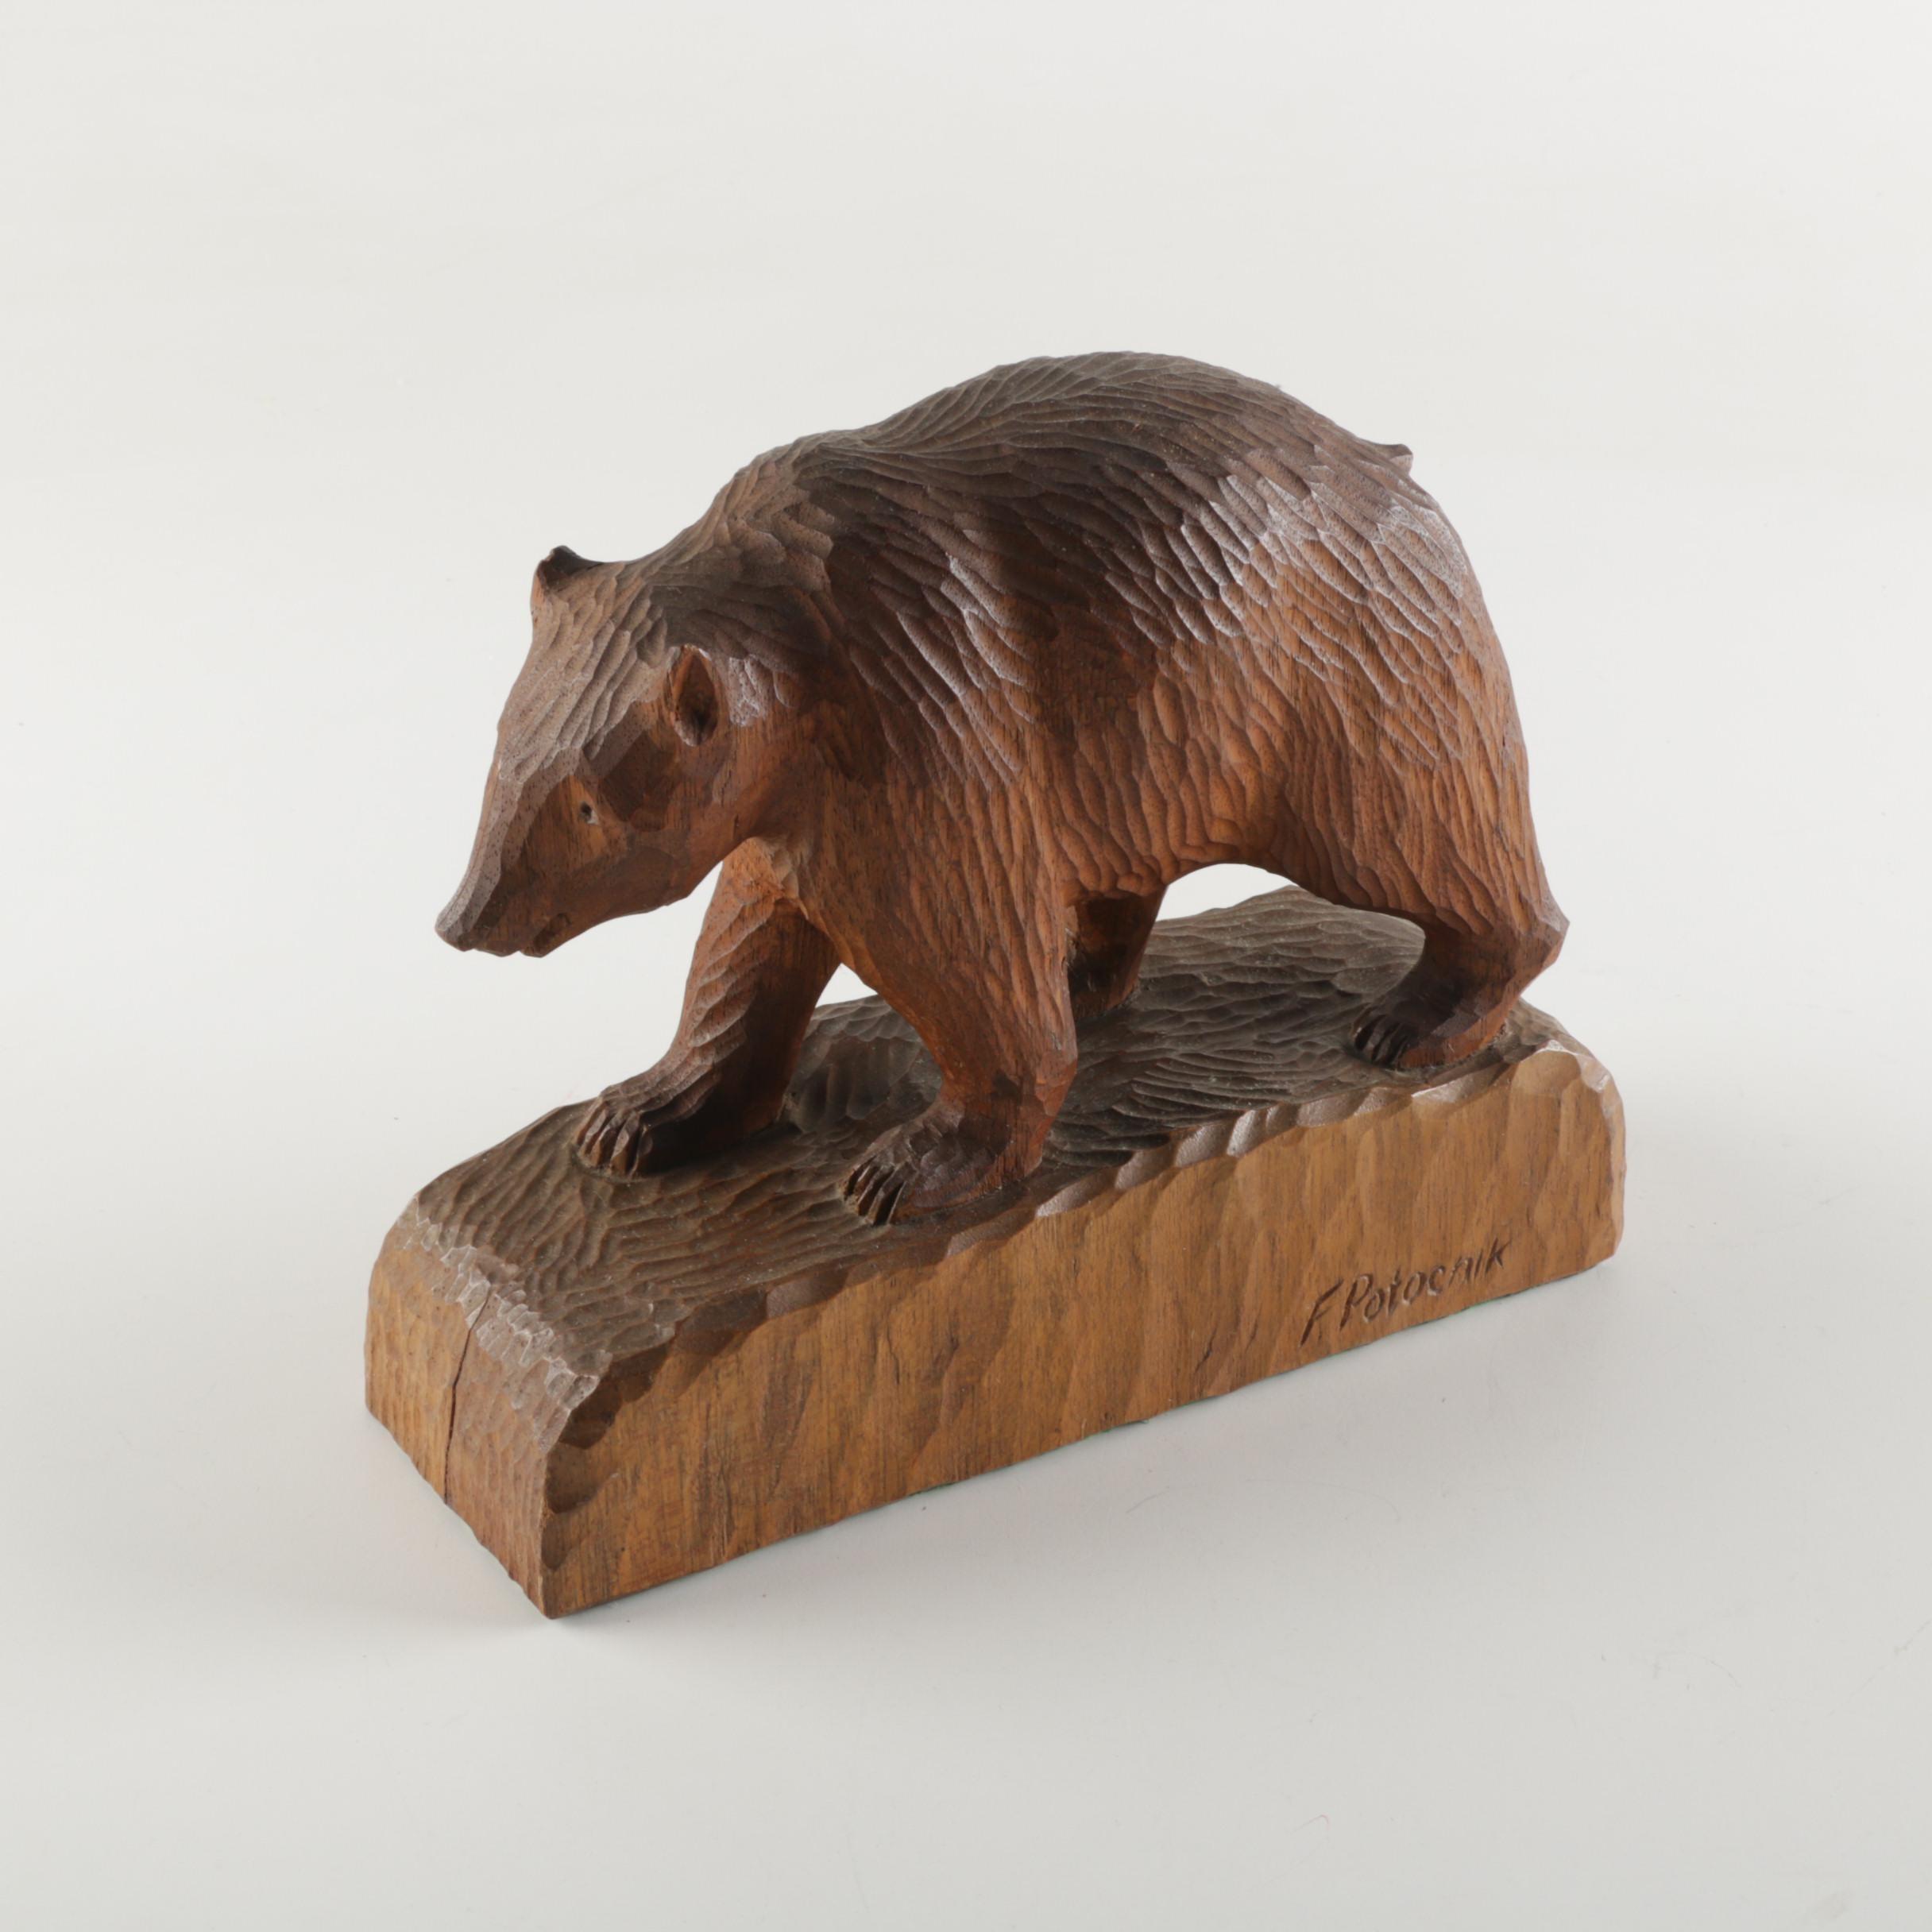 Frank Potocnik Carved Wood Bear Sculpture